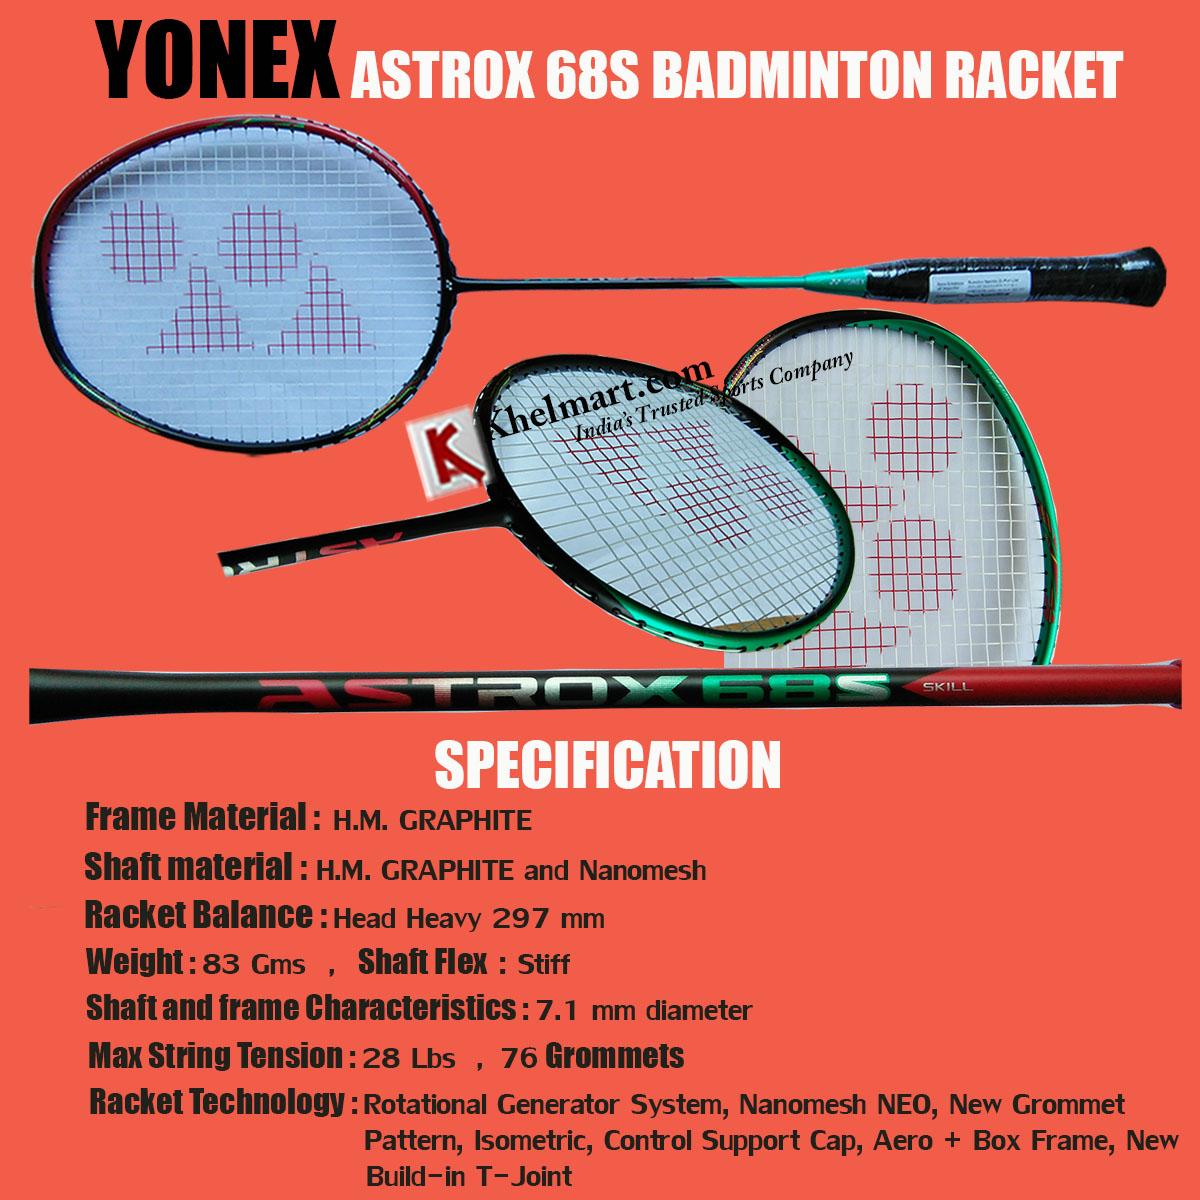 YONEX_ASTROX_68_S_BADMINTON_RACKET